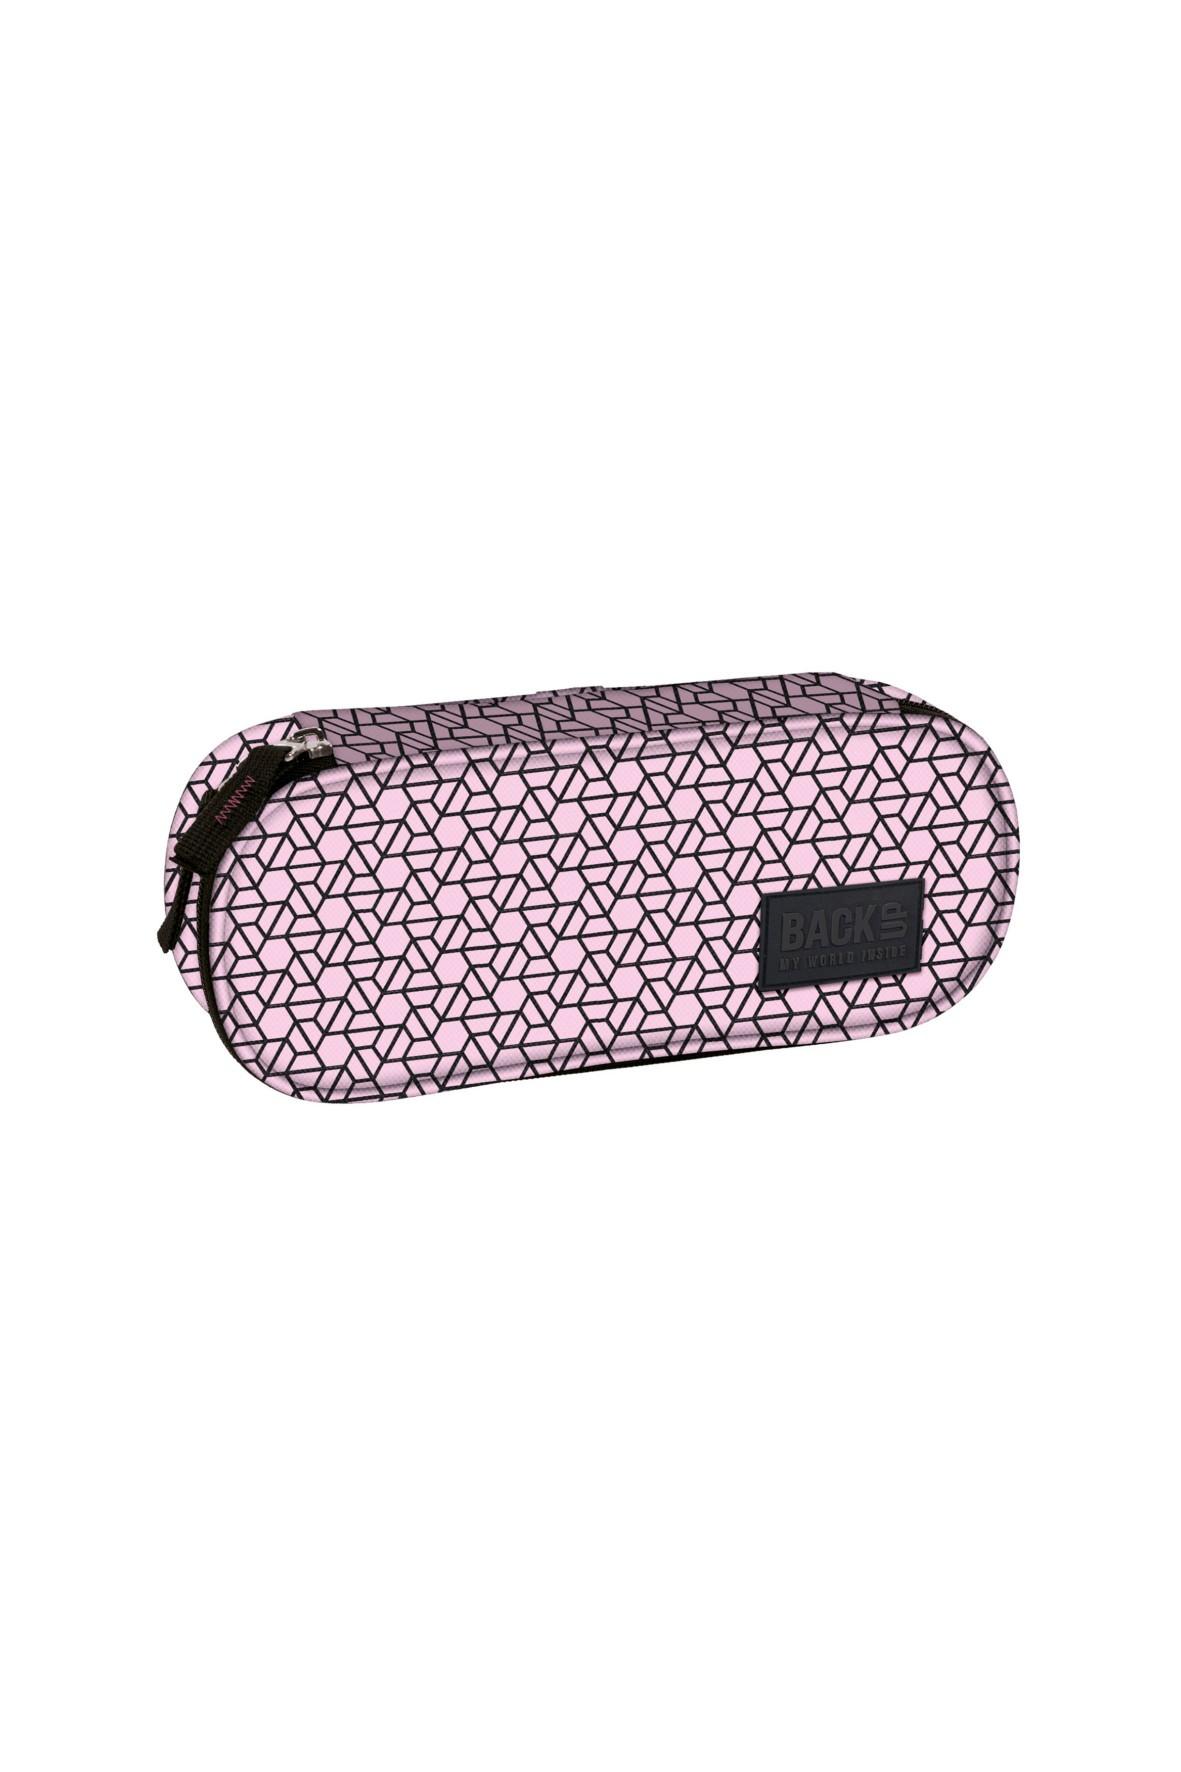 Piórnik szkolny dziewczęcy- różowy w czarne wzory